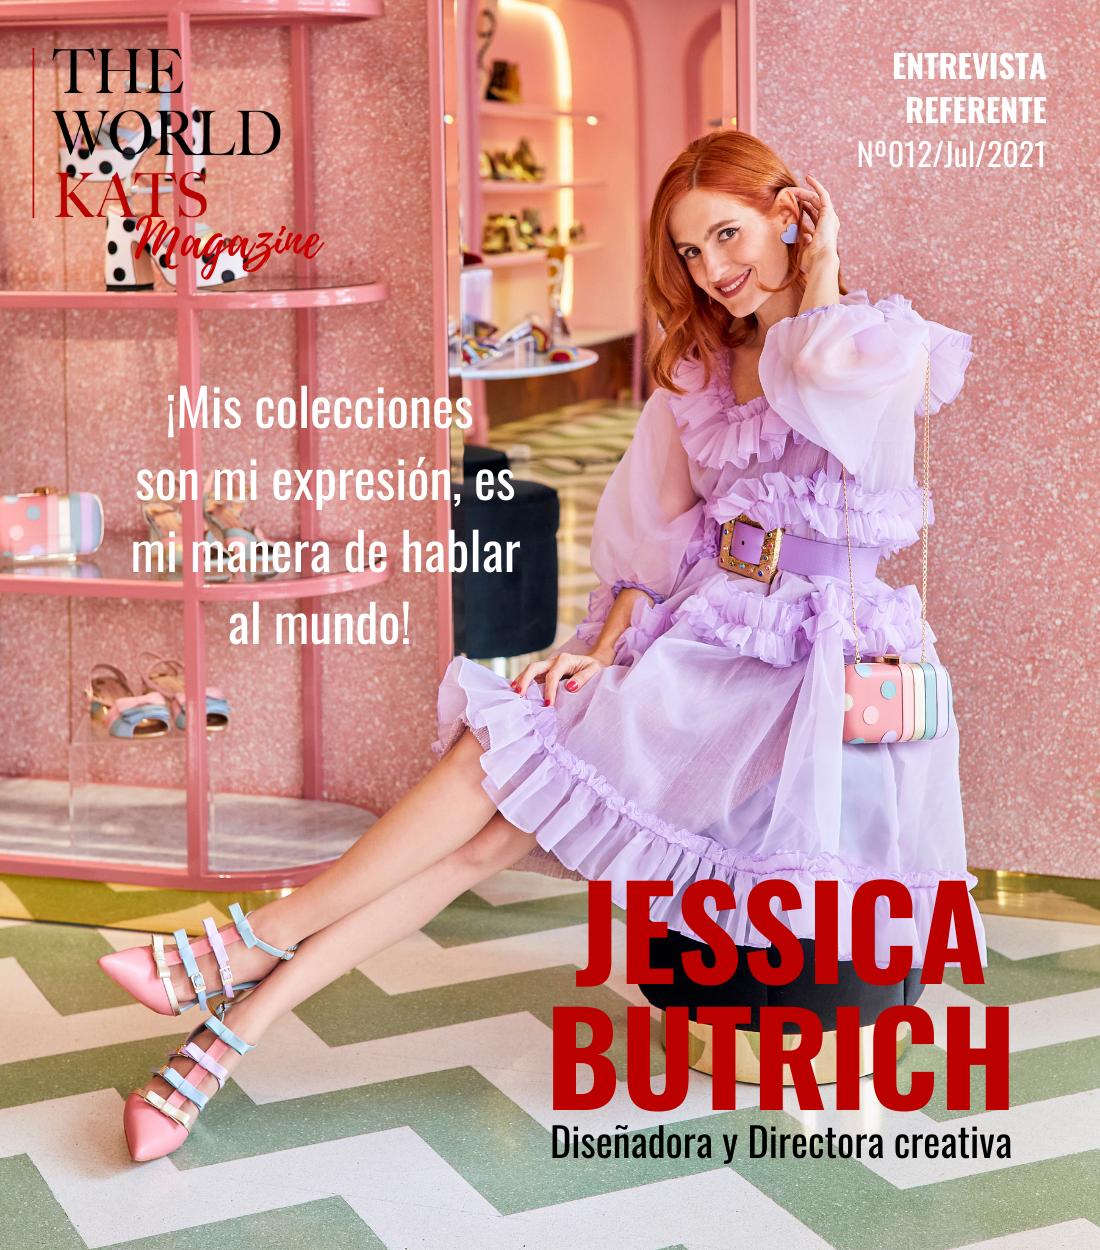 Entrevista a Jessica Butrich, Diseñadora y Directora Creativa de Butrich